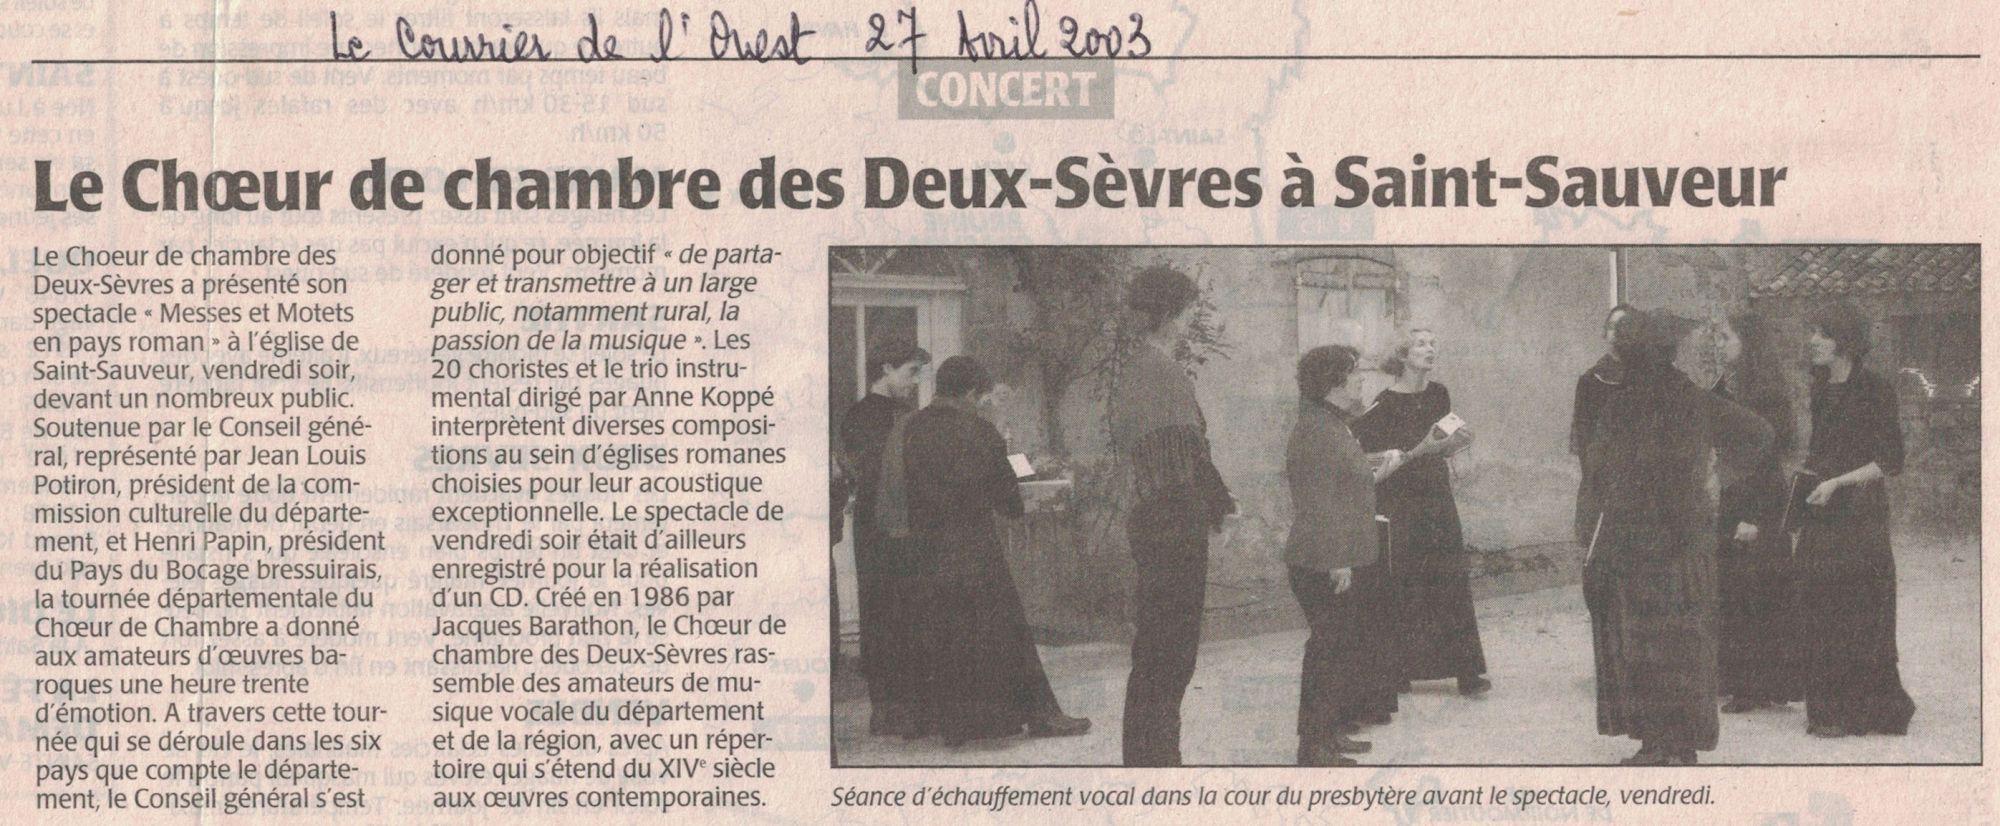 St-Sauveur 2003